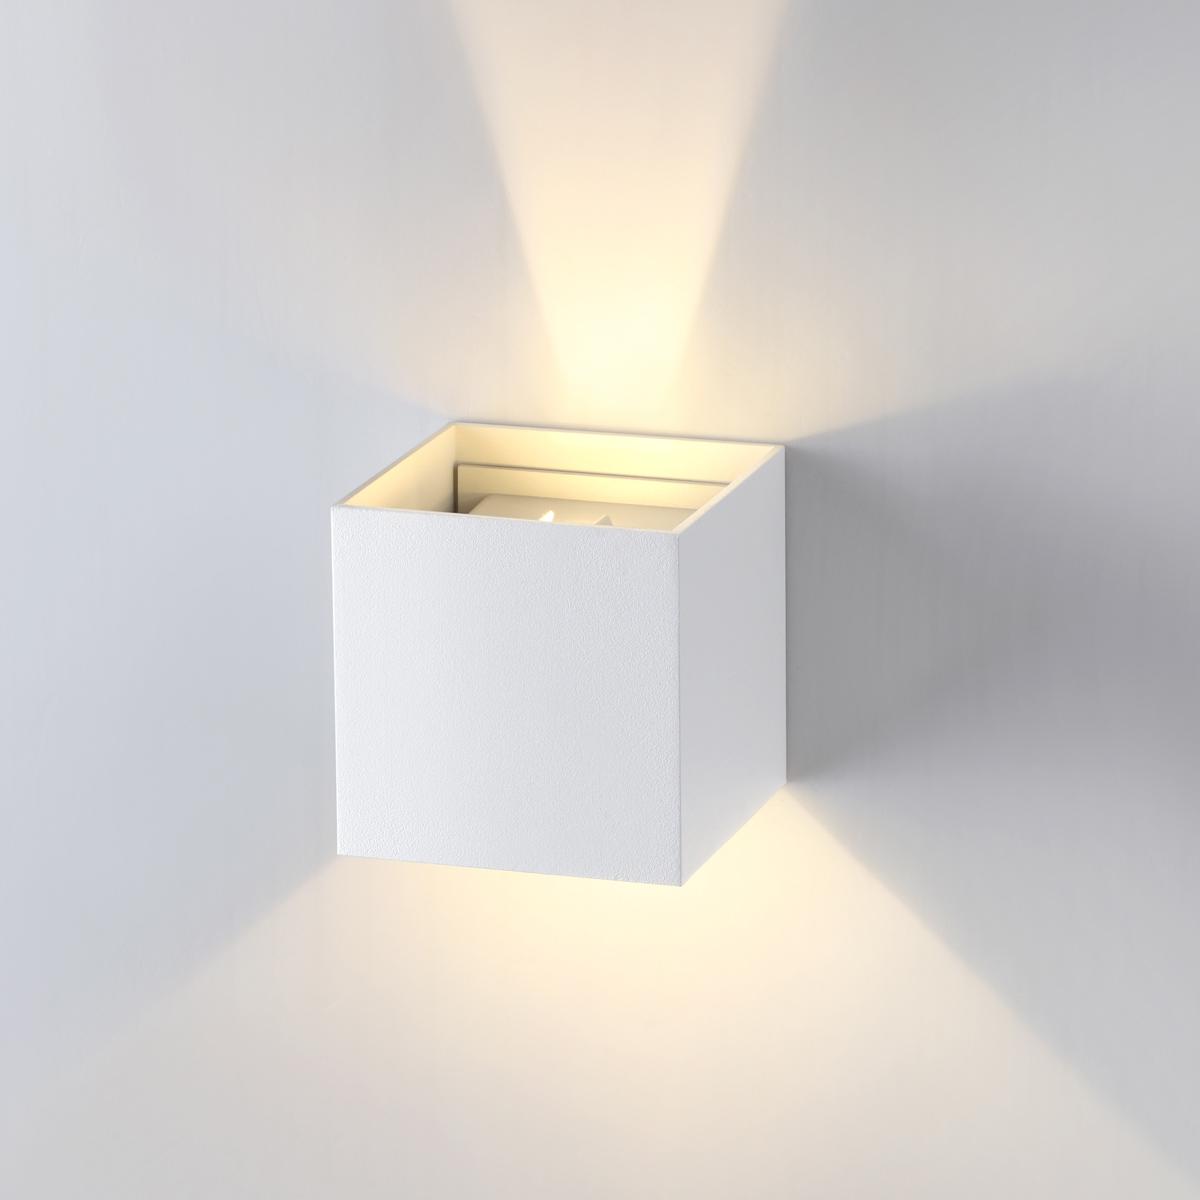 Настенный светодиодный светильник Novotech Calle 357518, IP54, LED 6W 3000K 365lm, белый, металл - фото 1